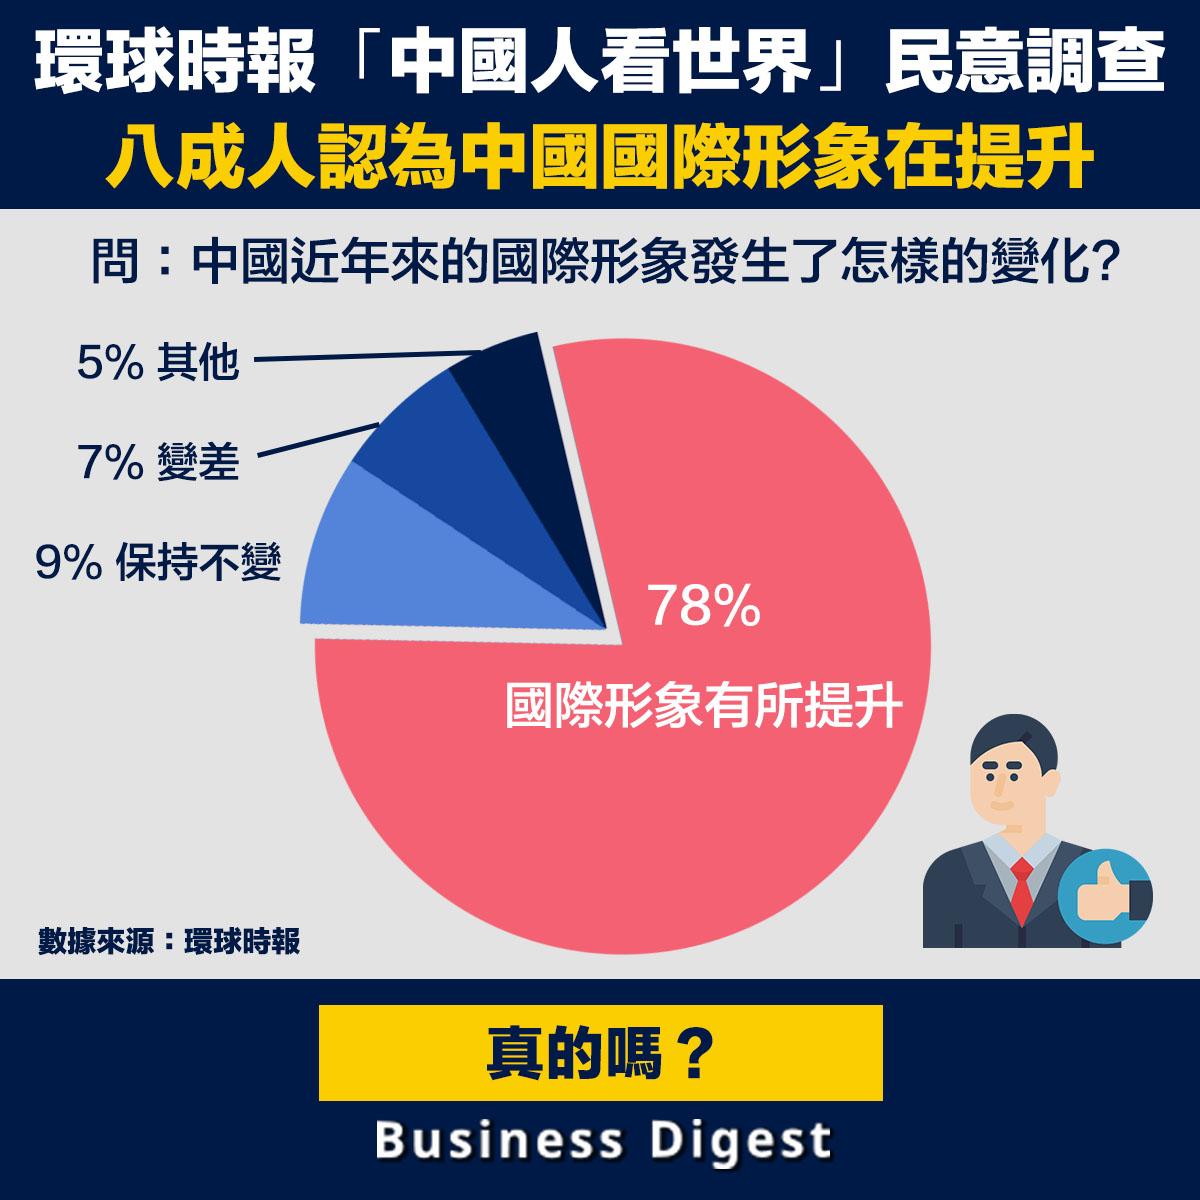 環時「中國人看世界」民意調查,八成人認為中國國際形象在提升